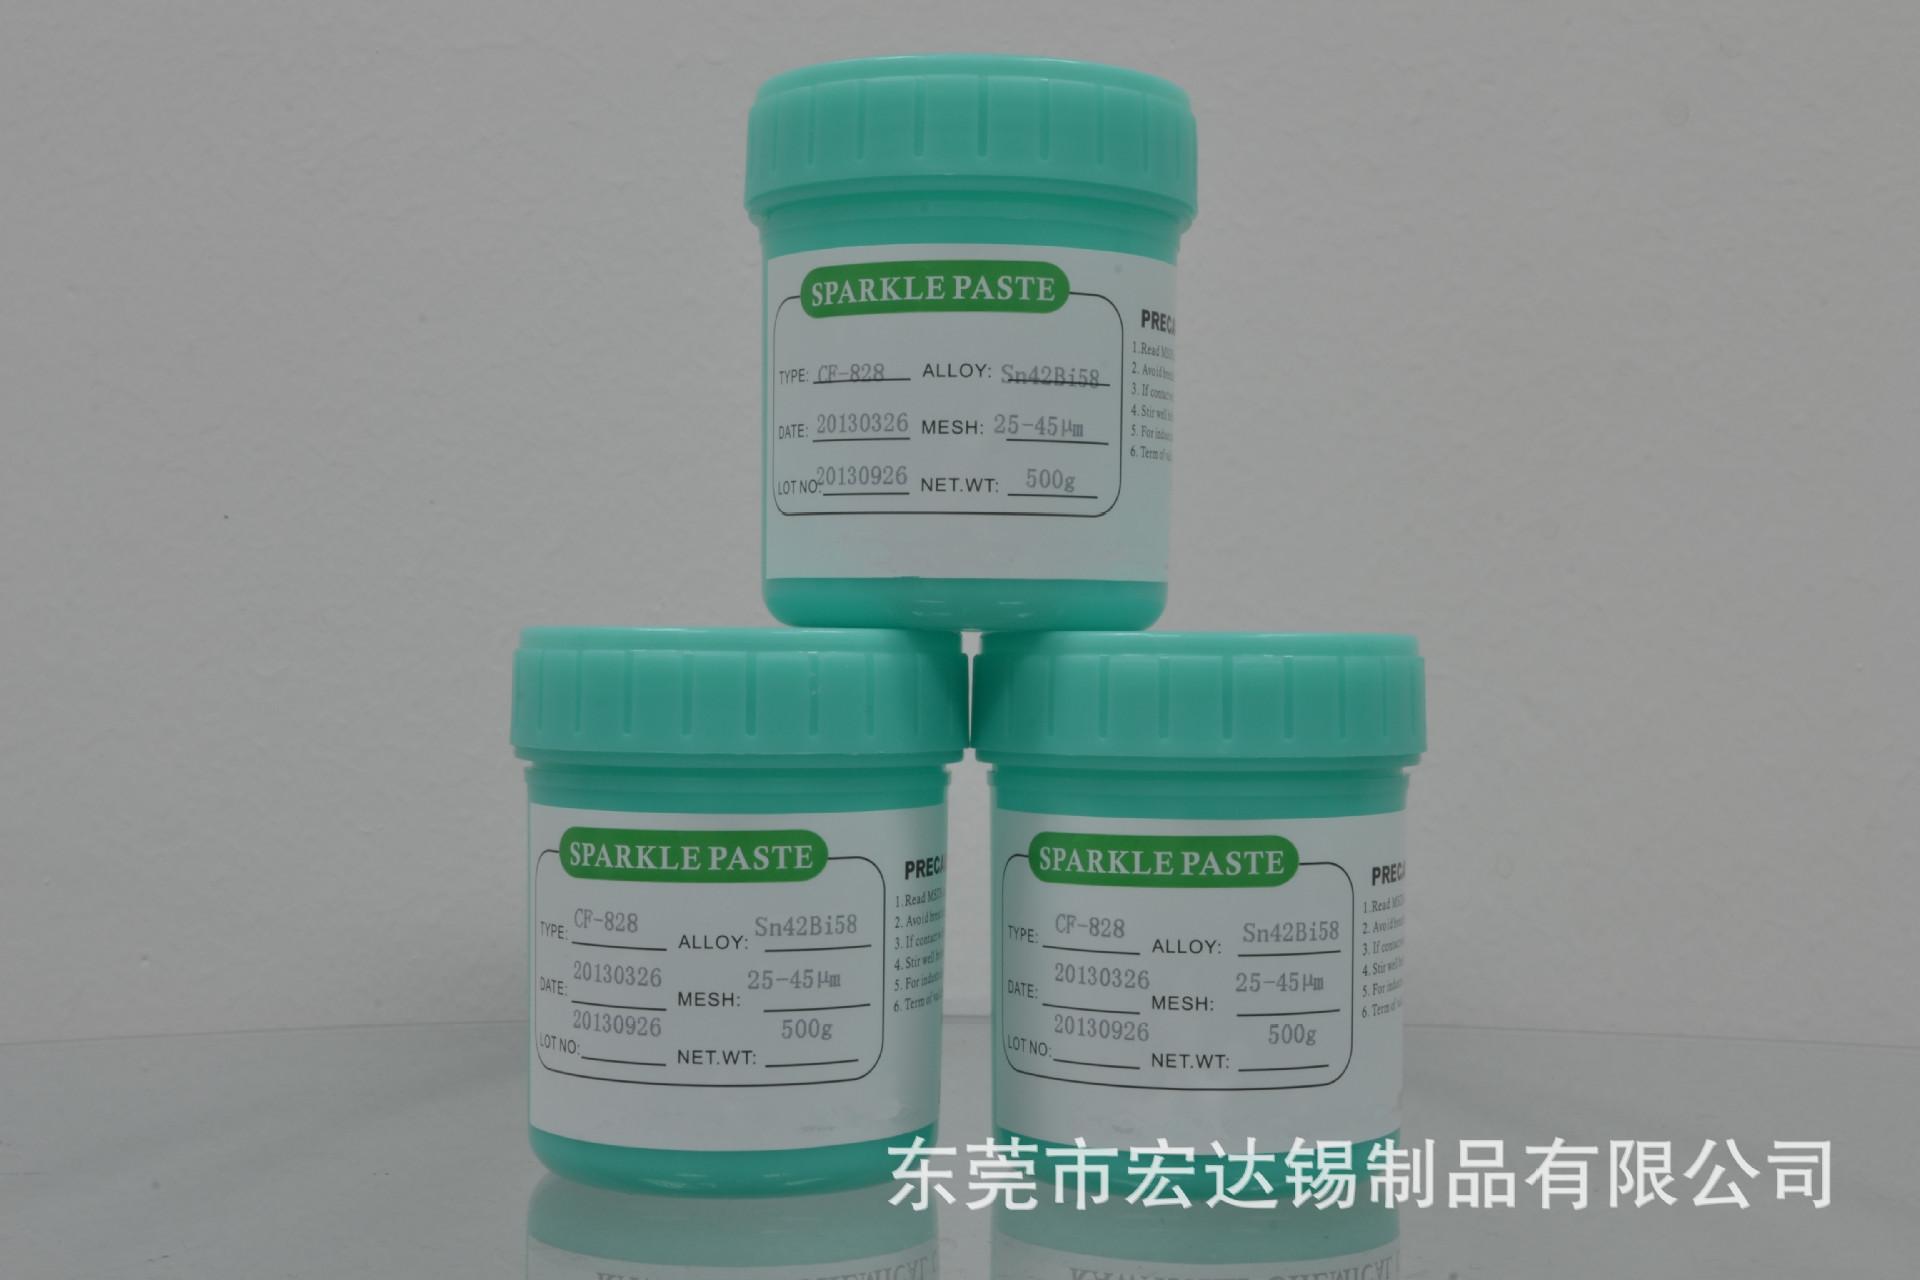 宏达锡膏 LED专用低温环保无铅锡膏sn42bi58 中温锡膏 焊接好